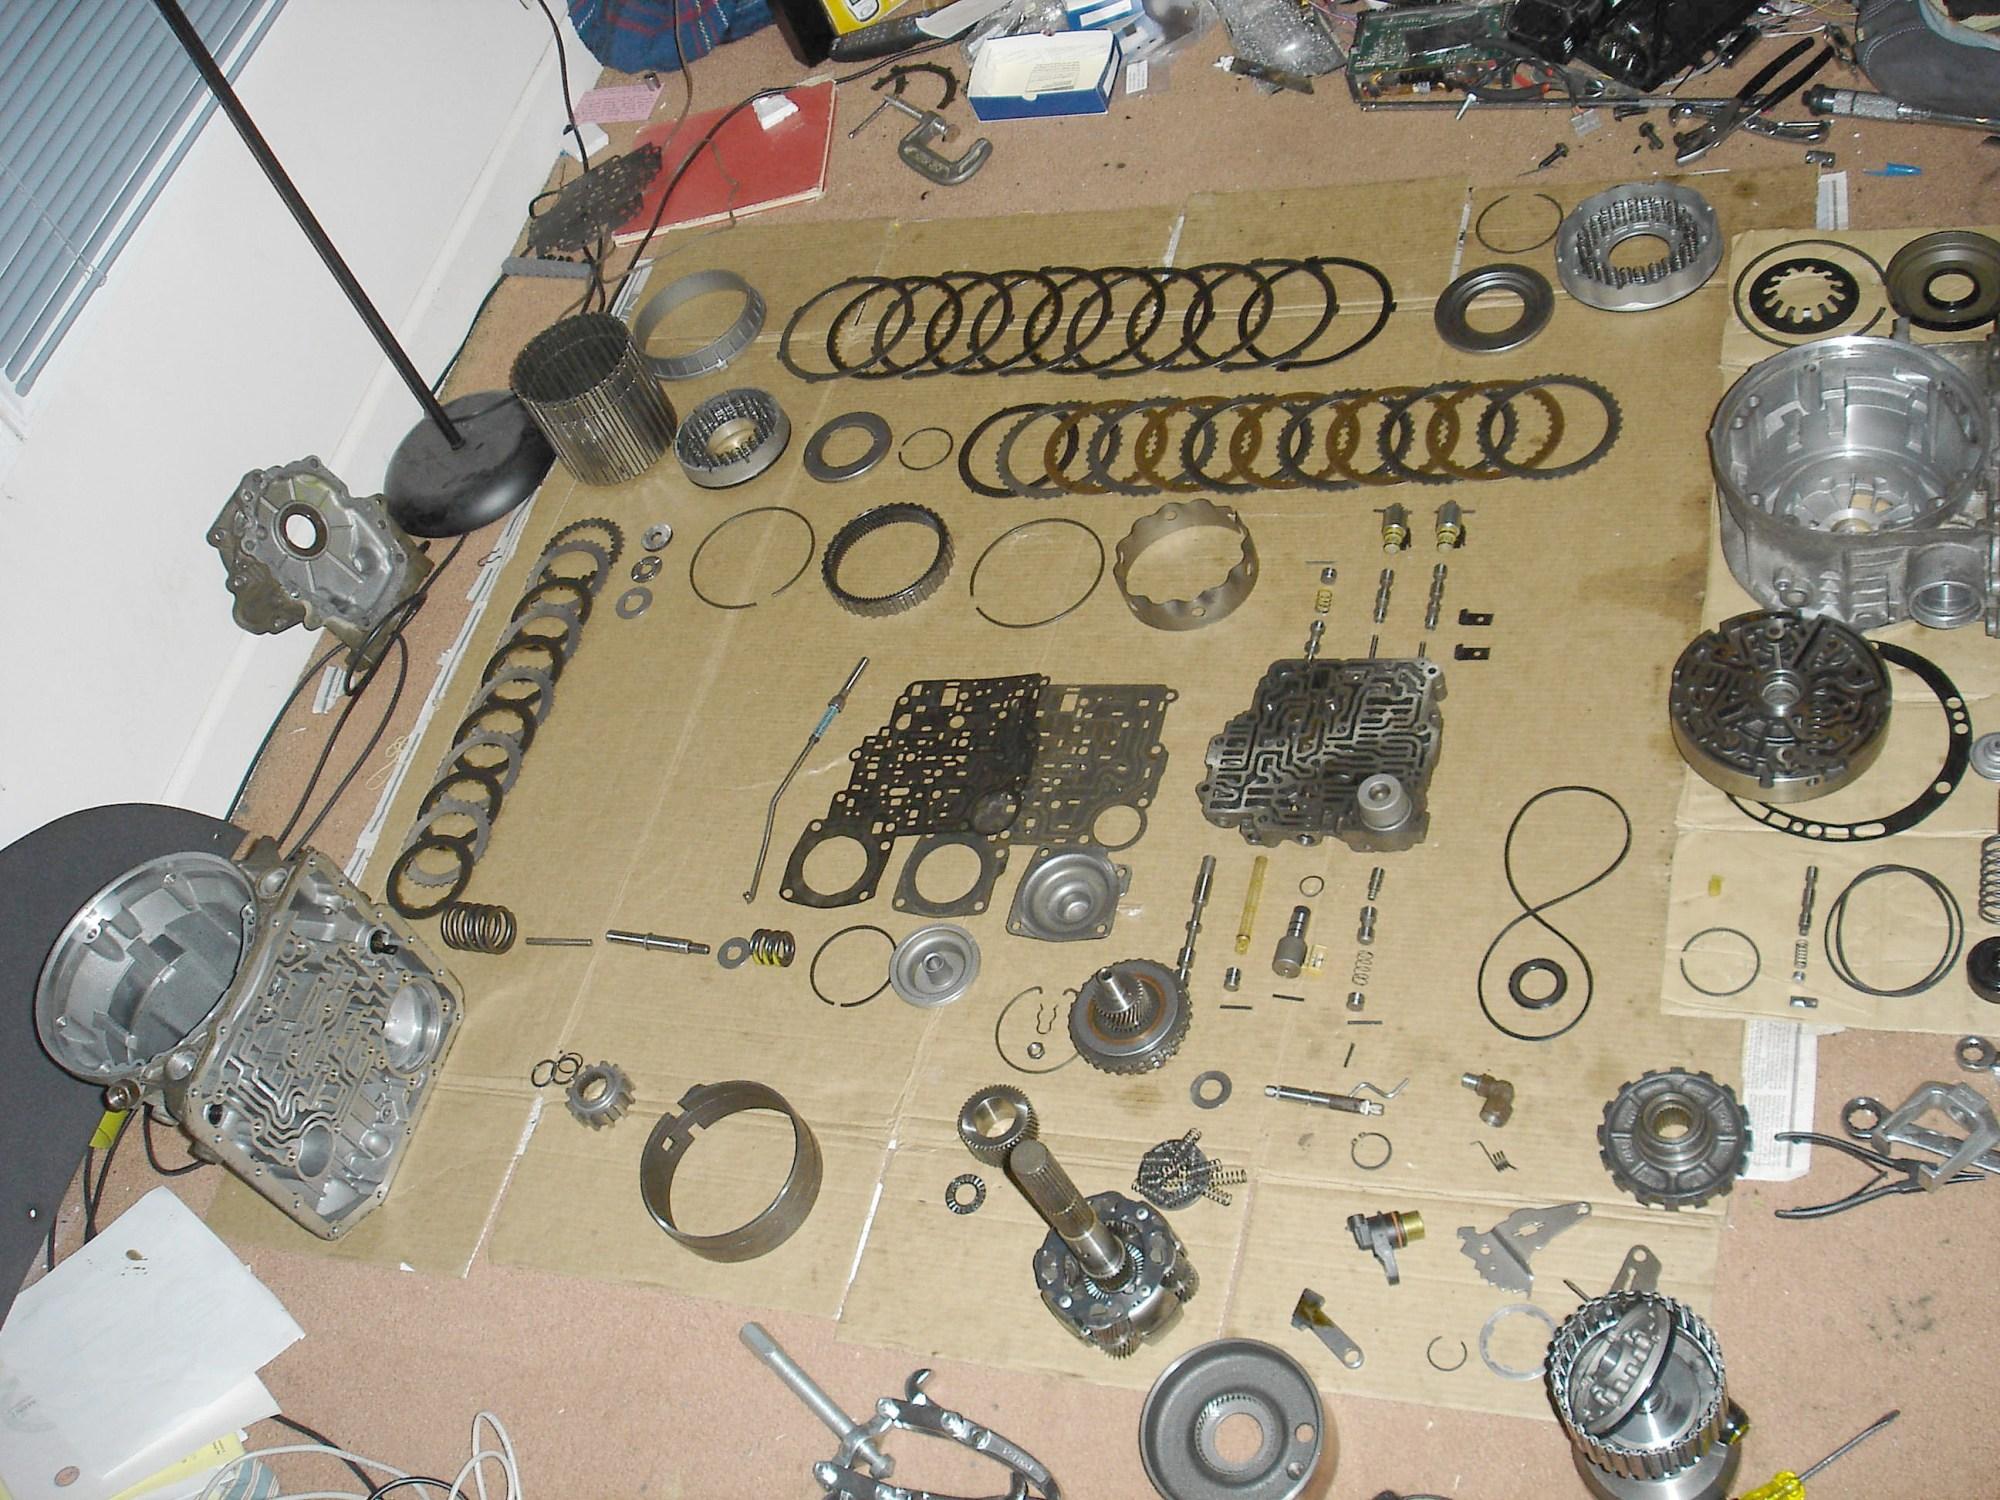 hight resolution of 4l30e pump diagram diy wiring diagrams u2022 5l40e parts diagram gm 4l30e diagram